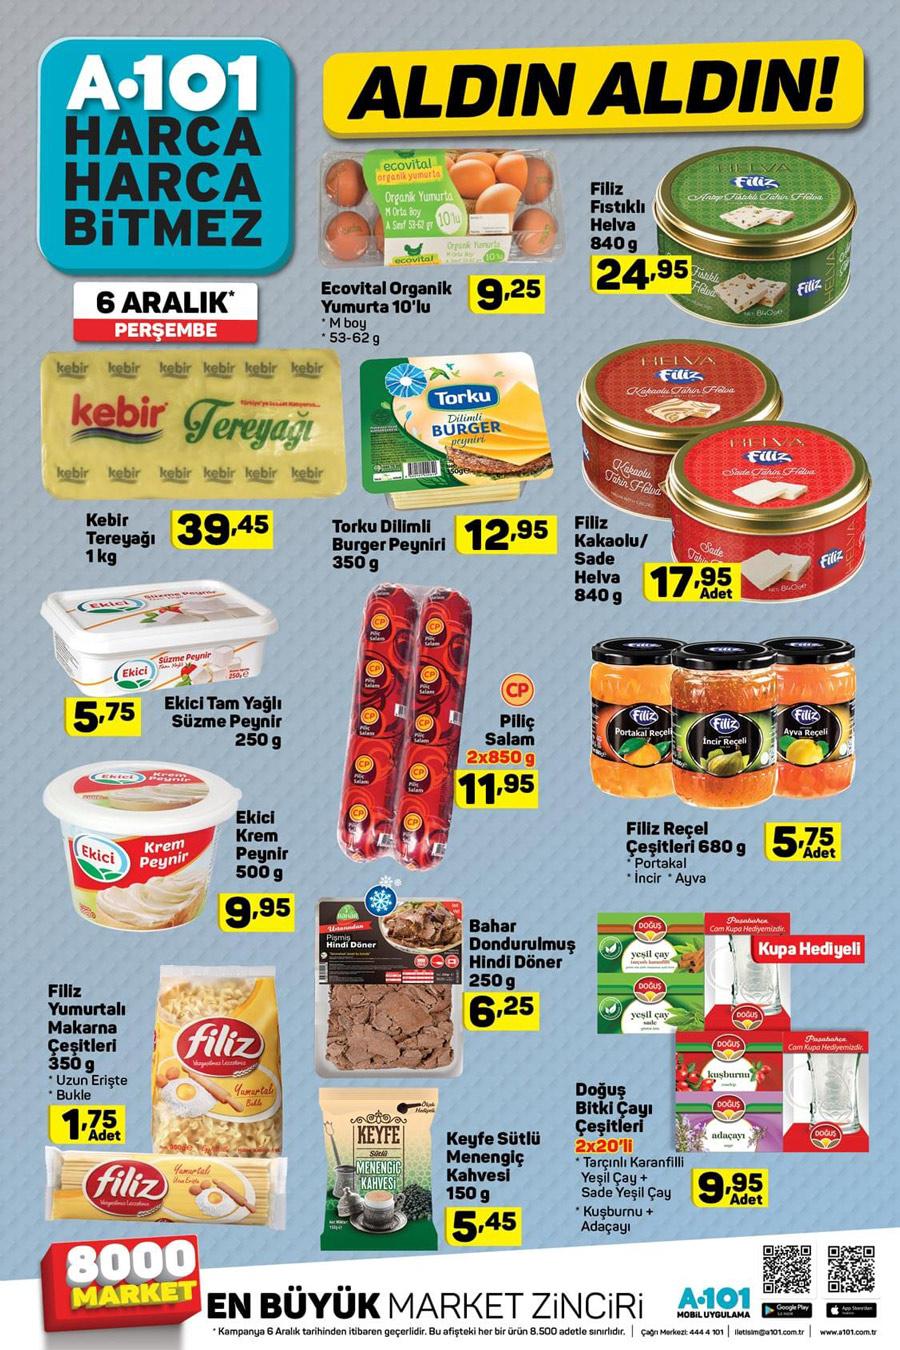 A101 6 Aralık Gıda Aktüel Ürünler Listesi